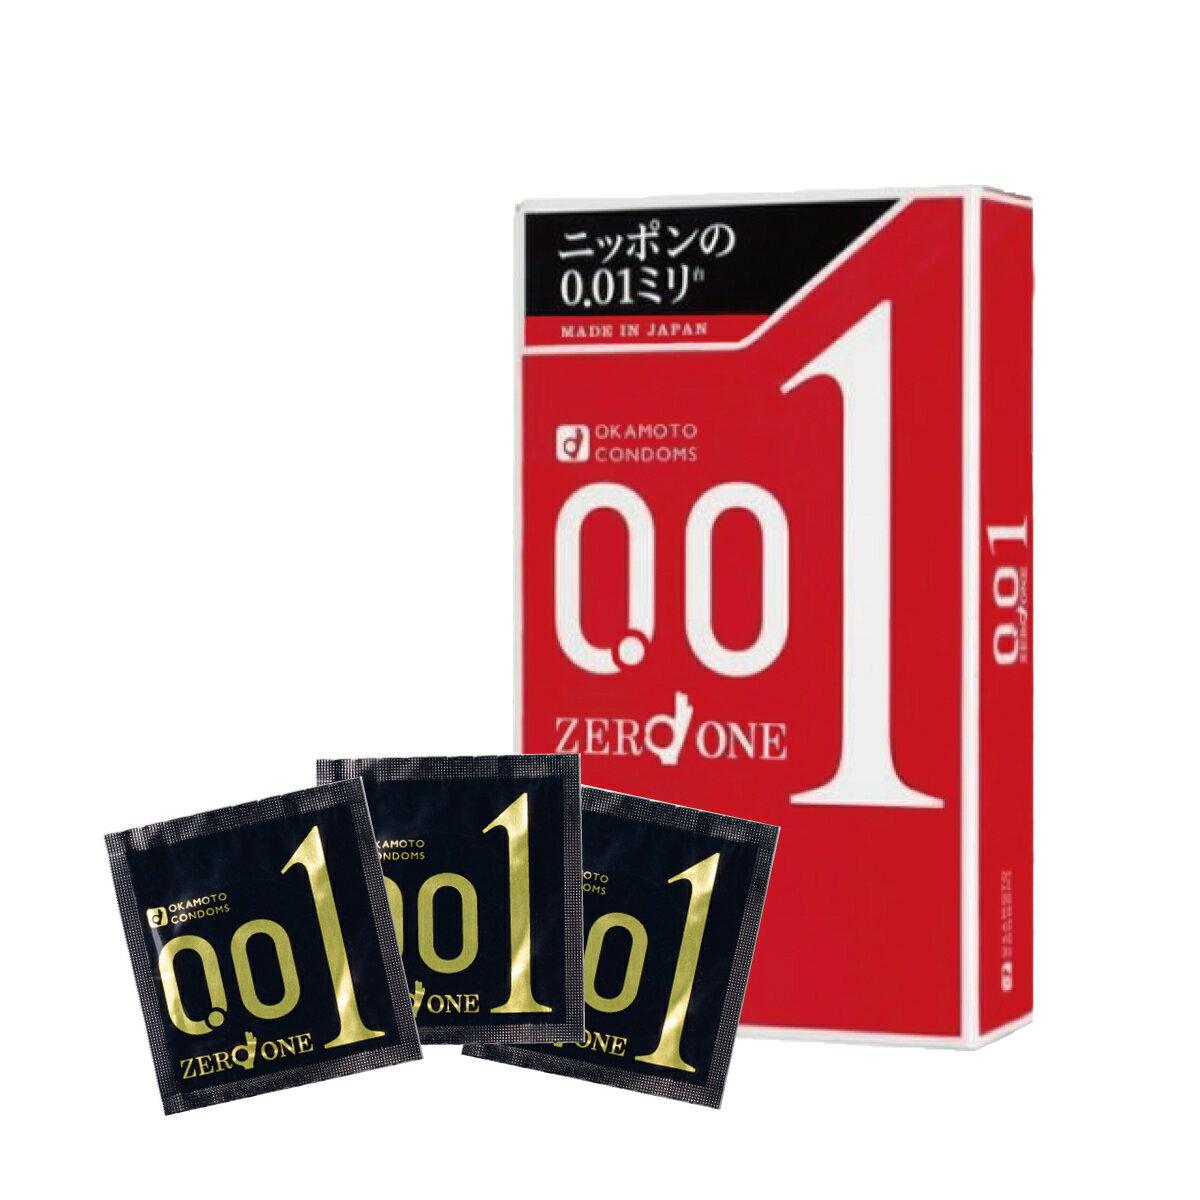 【クリックポストでお届けします】 コンドーム オカモト ゼロワン うすい ゴム 安全 避妊 0.01 3個入り 安全套 避孕套 套套 中身が見えない 何個でも送料無料